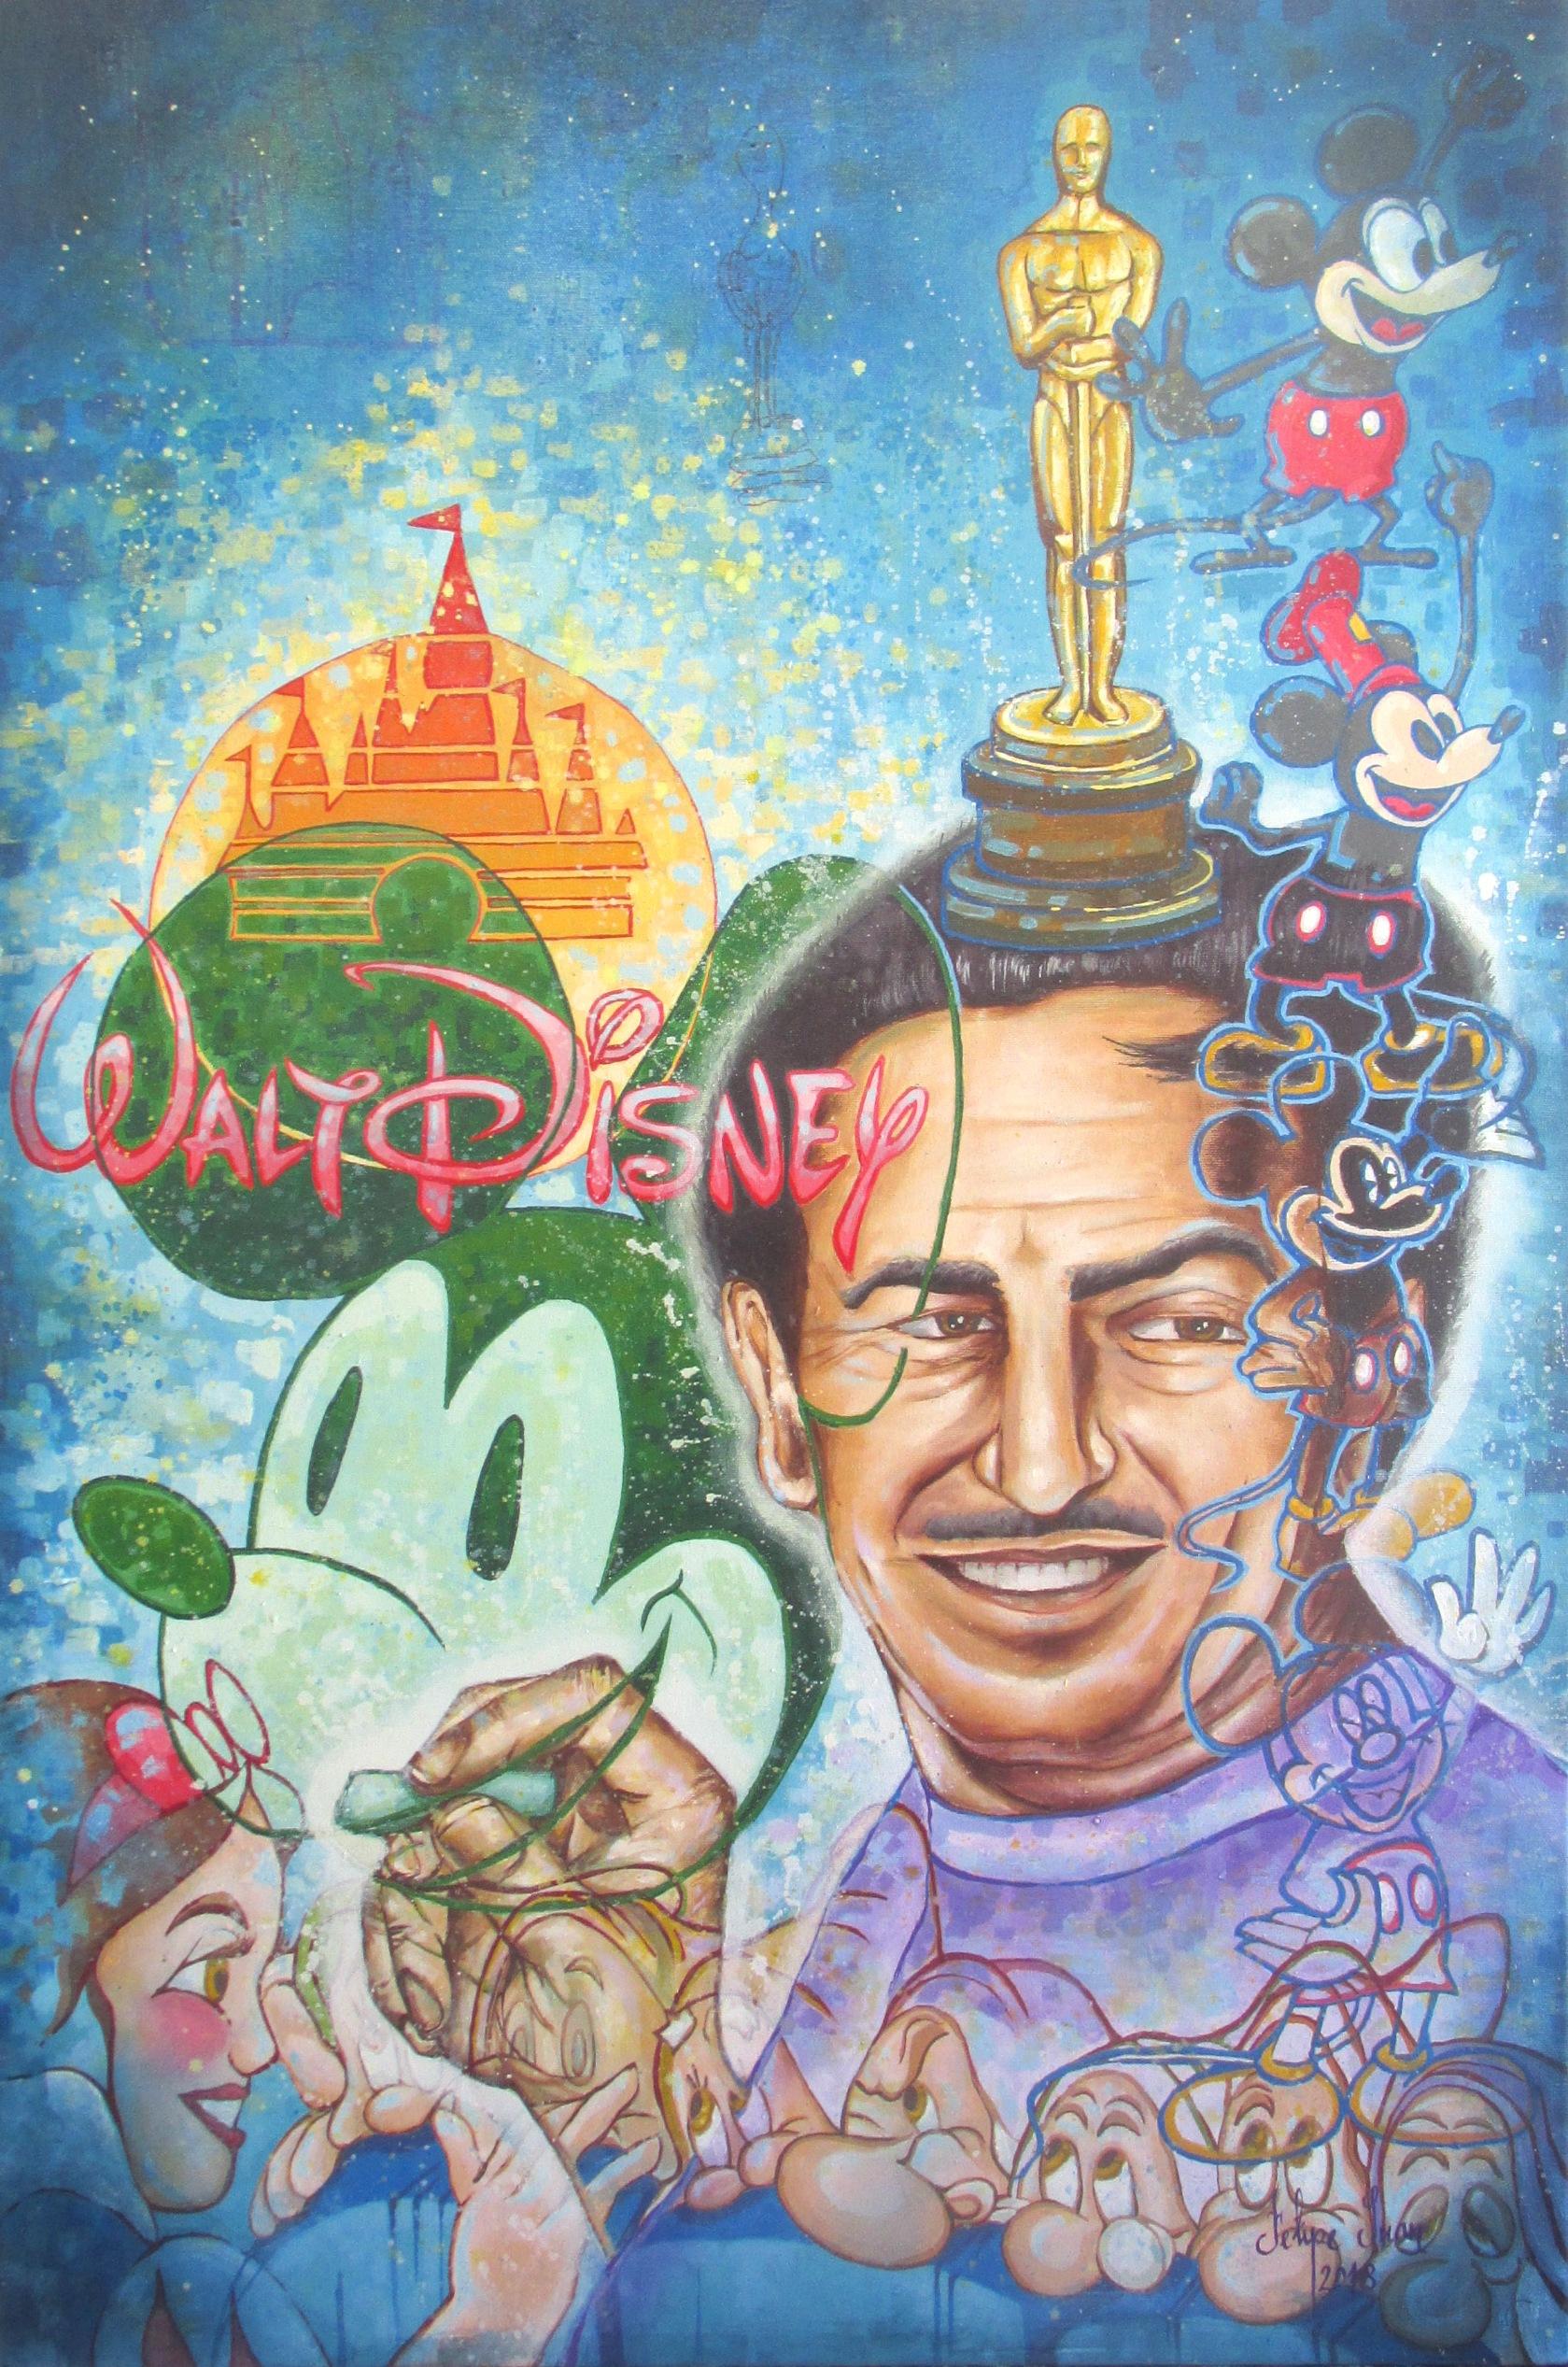 8. Walt Disney